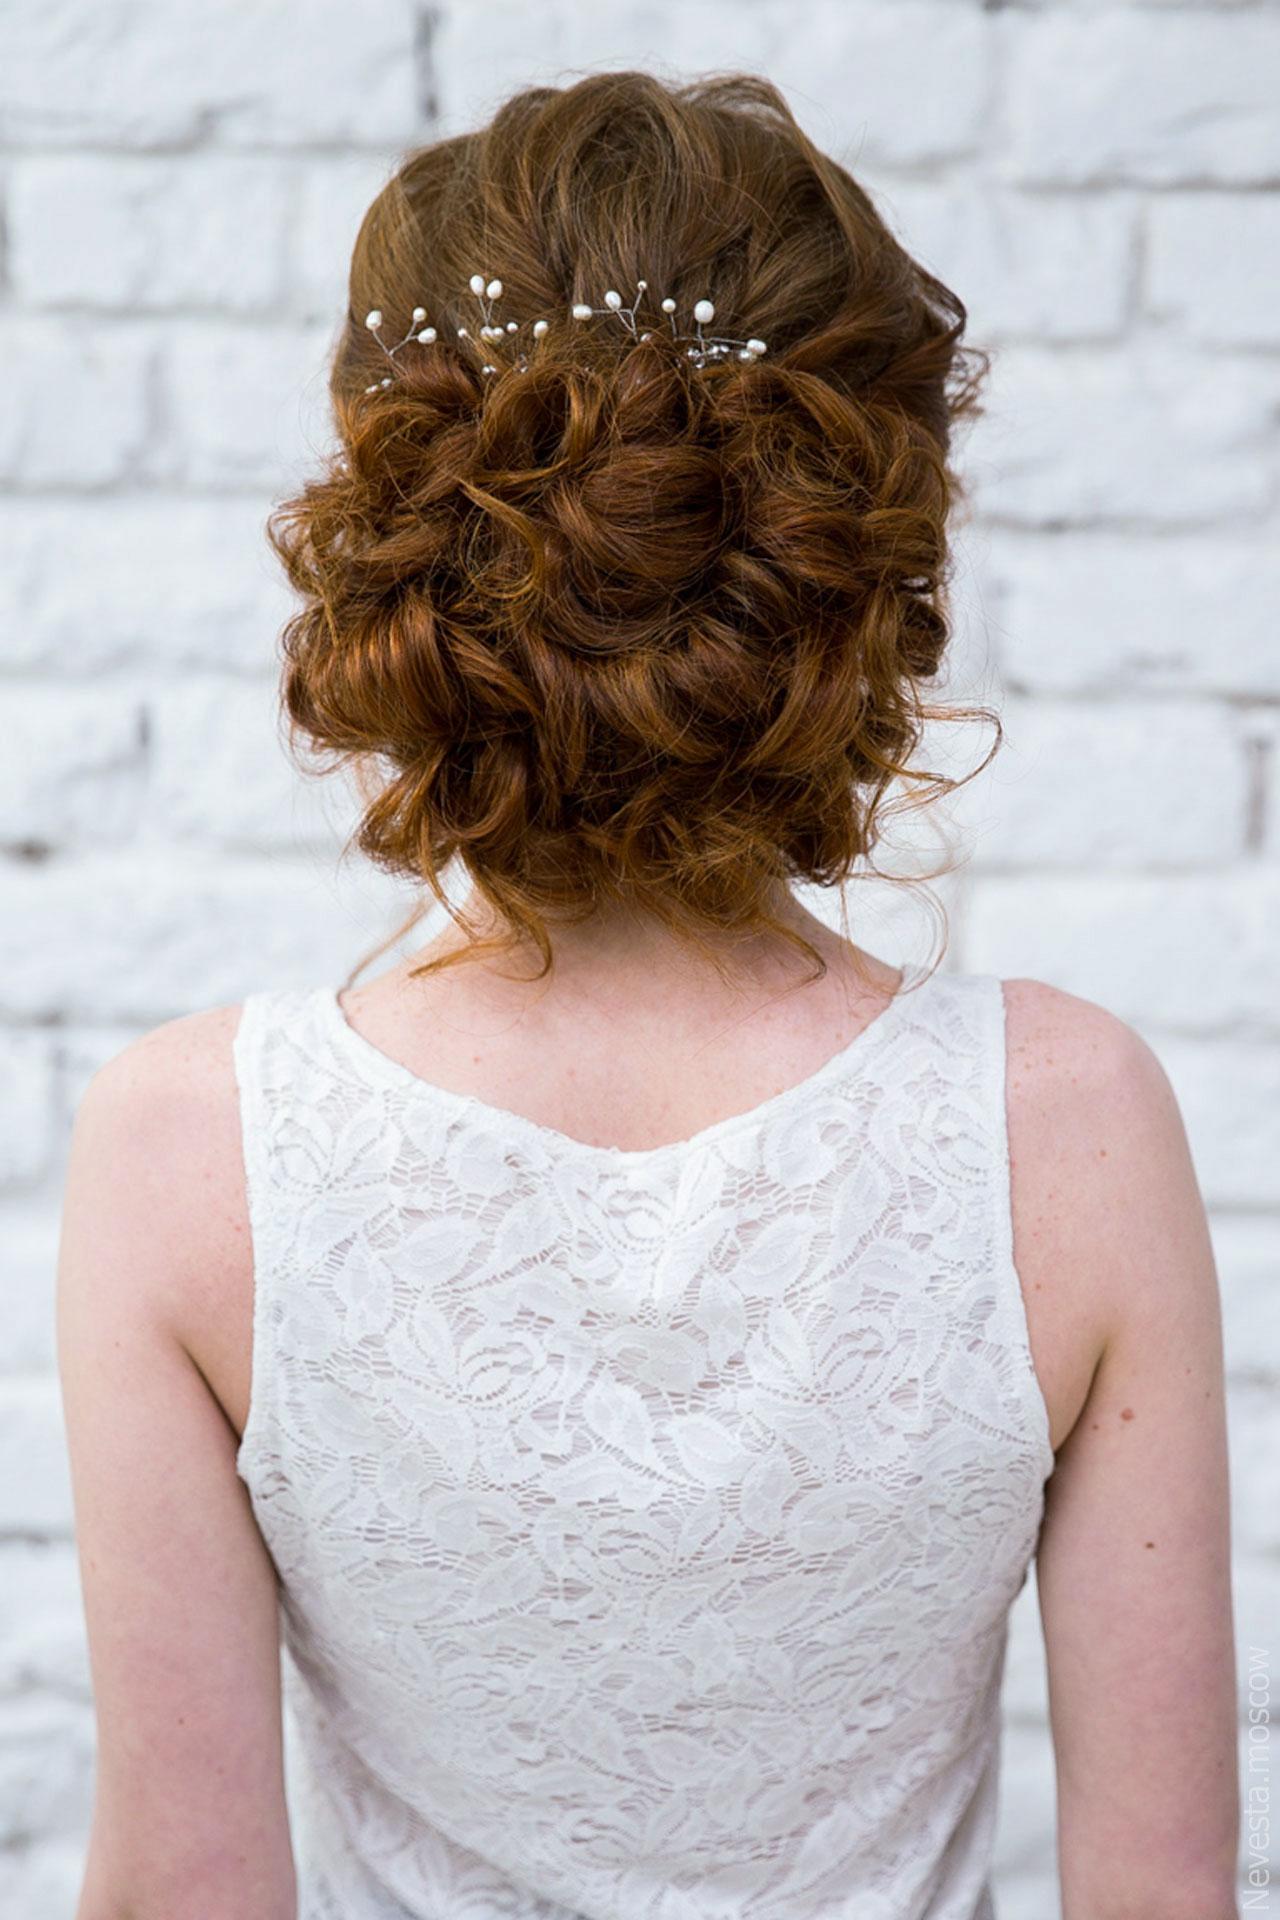 макияж свадебный  репетиция образа невесты фото 2